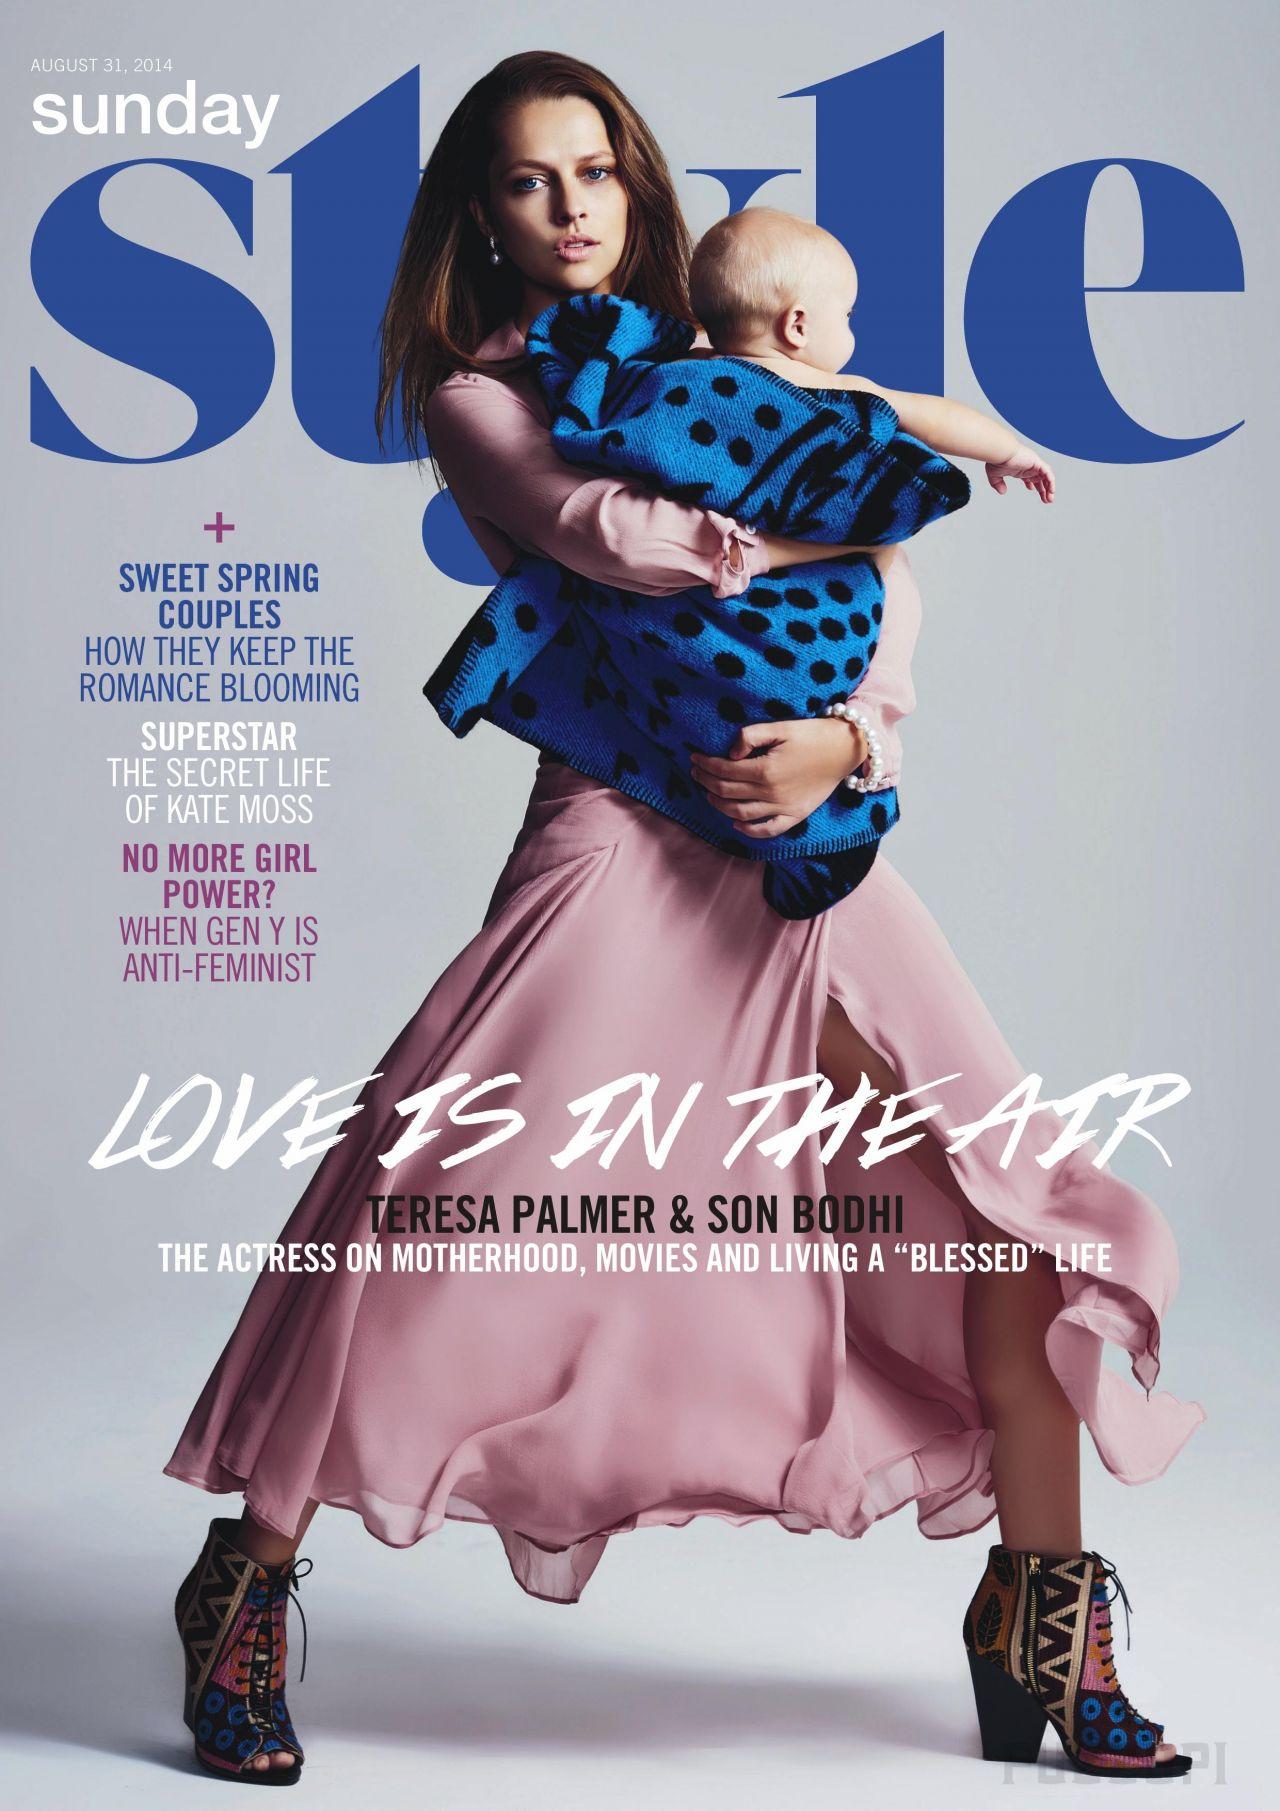 Teresa Palmer - Sunday Style Magazine (UK) - August 31st, 2014